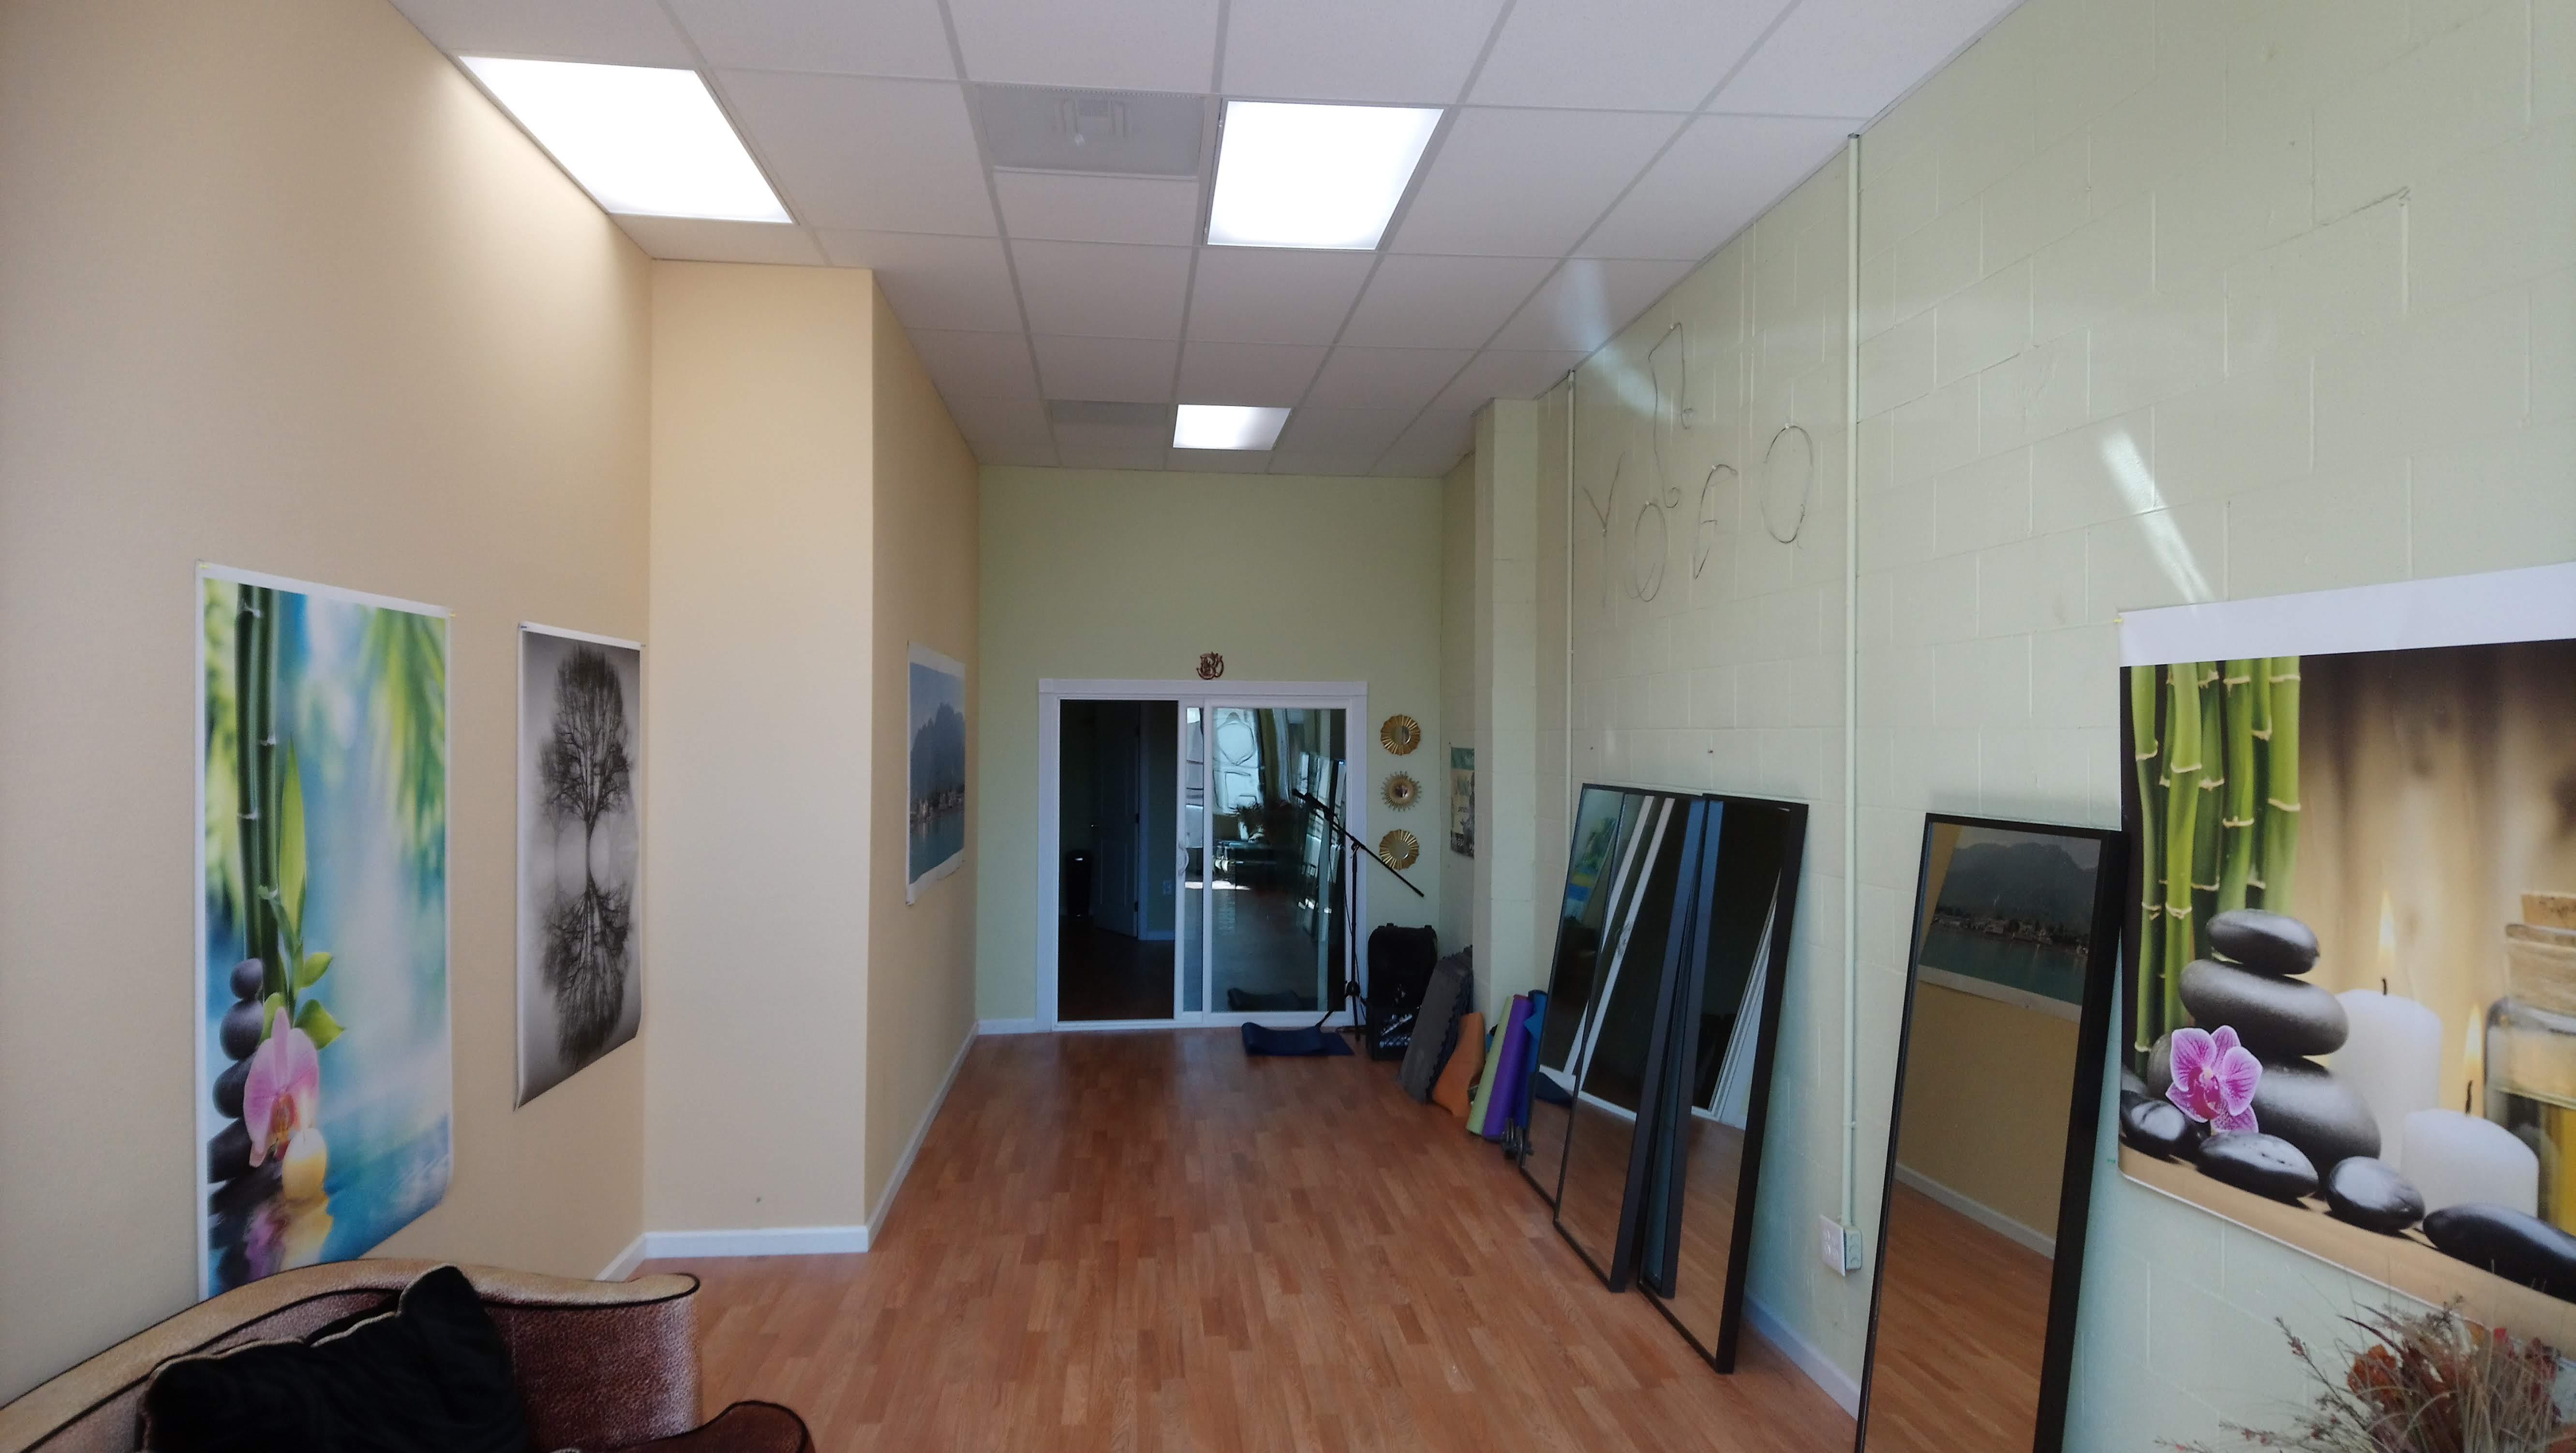 neels-nirvana - office / studio / event space